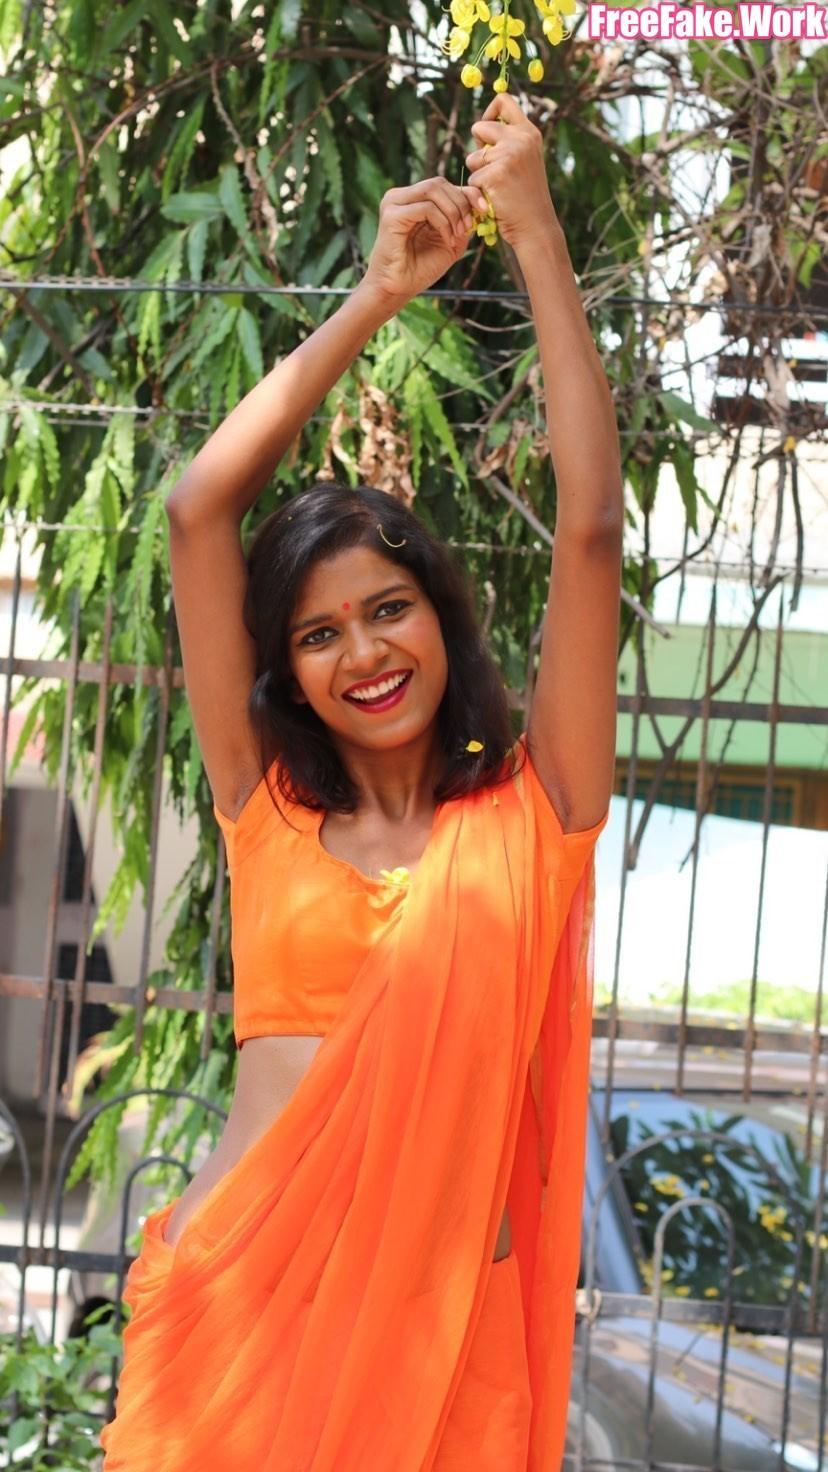 0089-Khyati-Shree-bold-private-photoshoot-2021.jpg